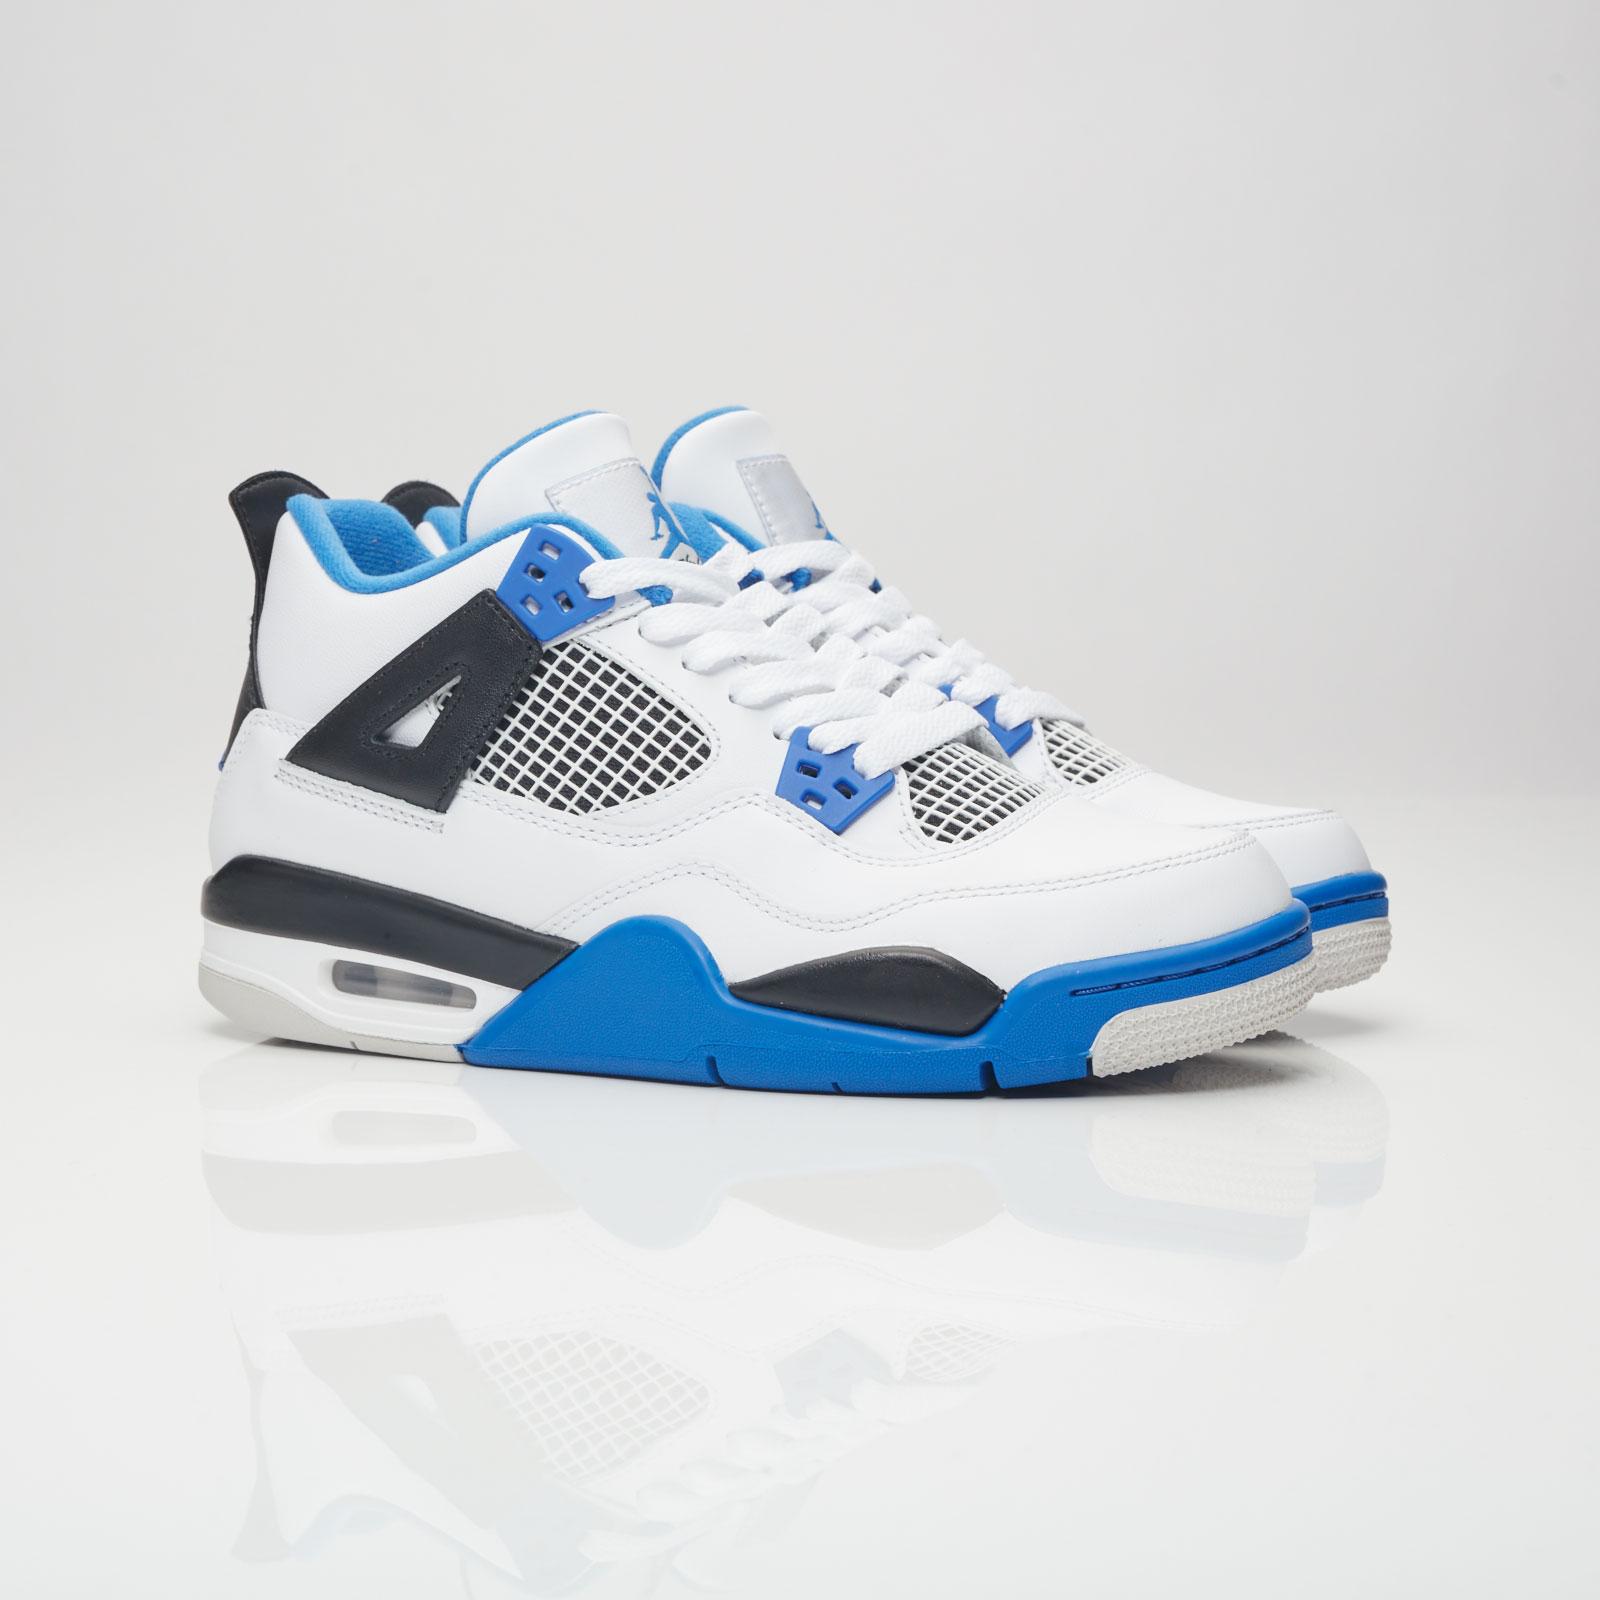 new styles 061d8 ec08e Jordan Brand Air Jordan 4 Retro (Gs)